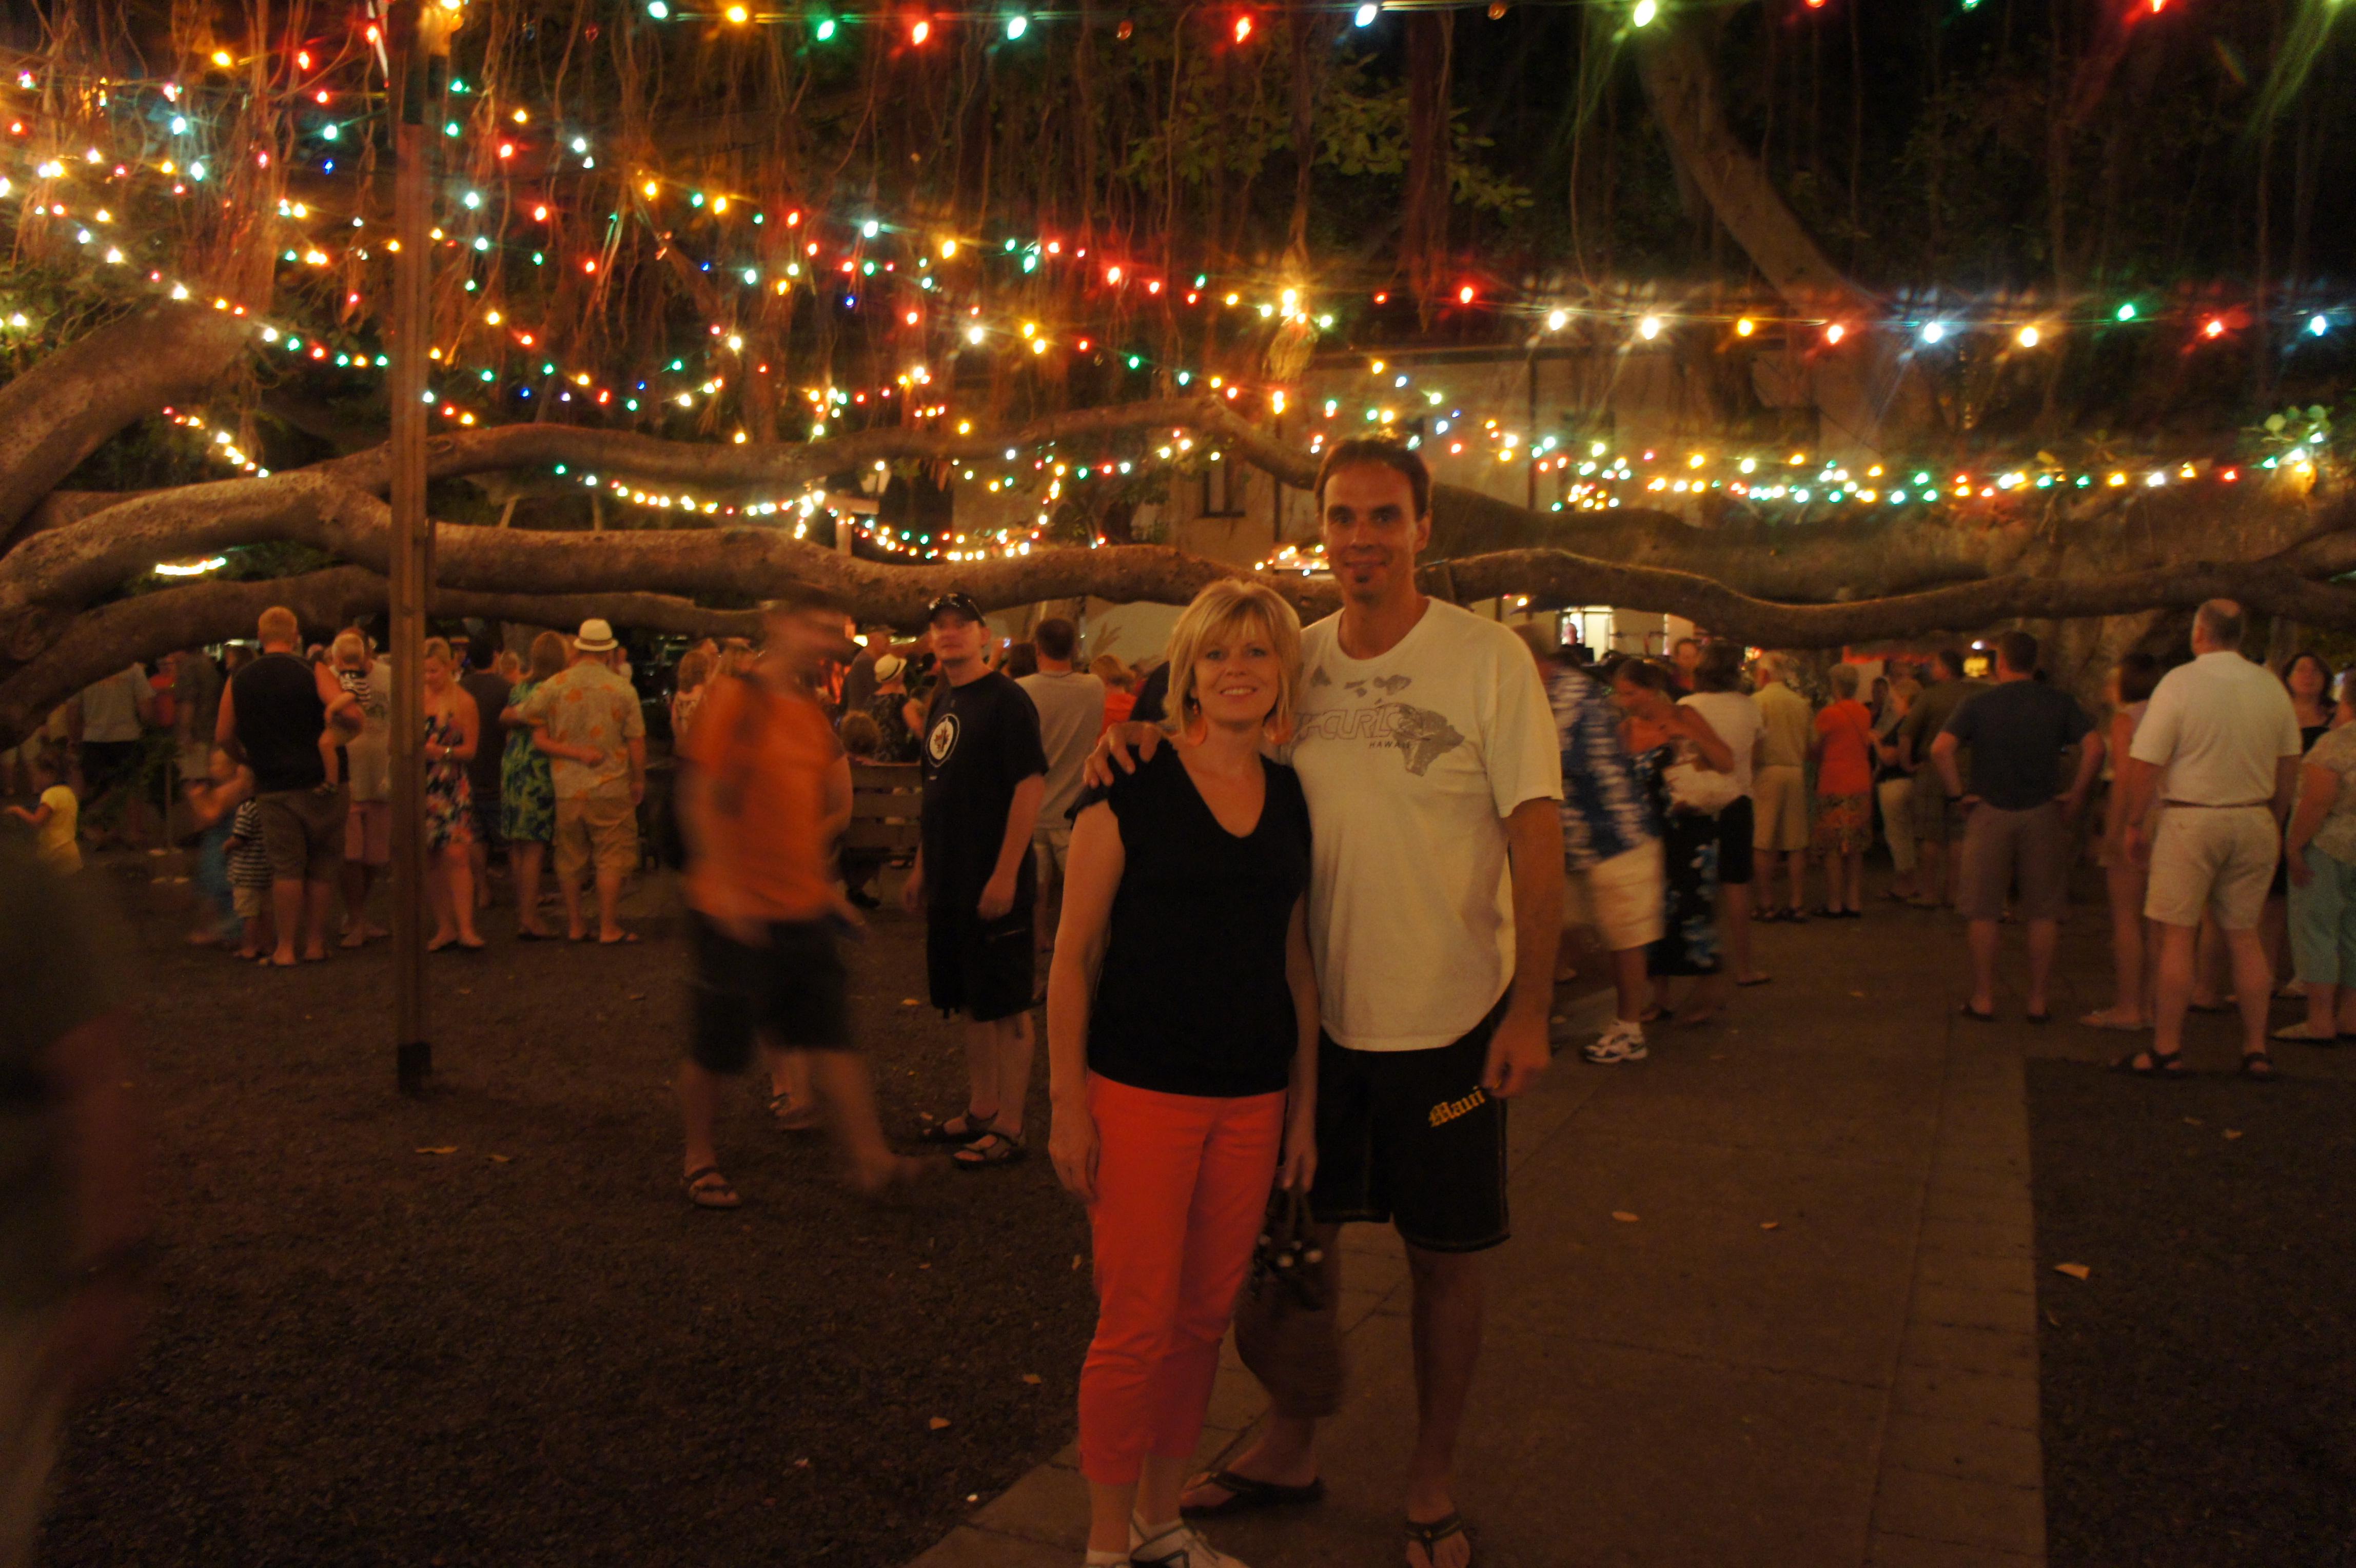 A Maui Christmas Tradition The Lighting Of The Banyan